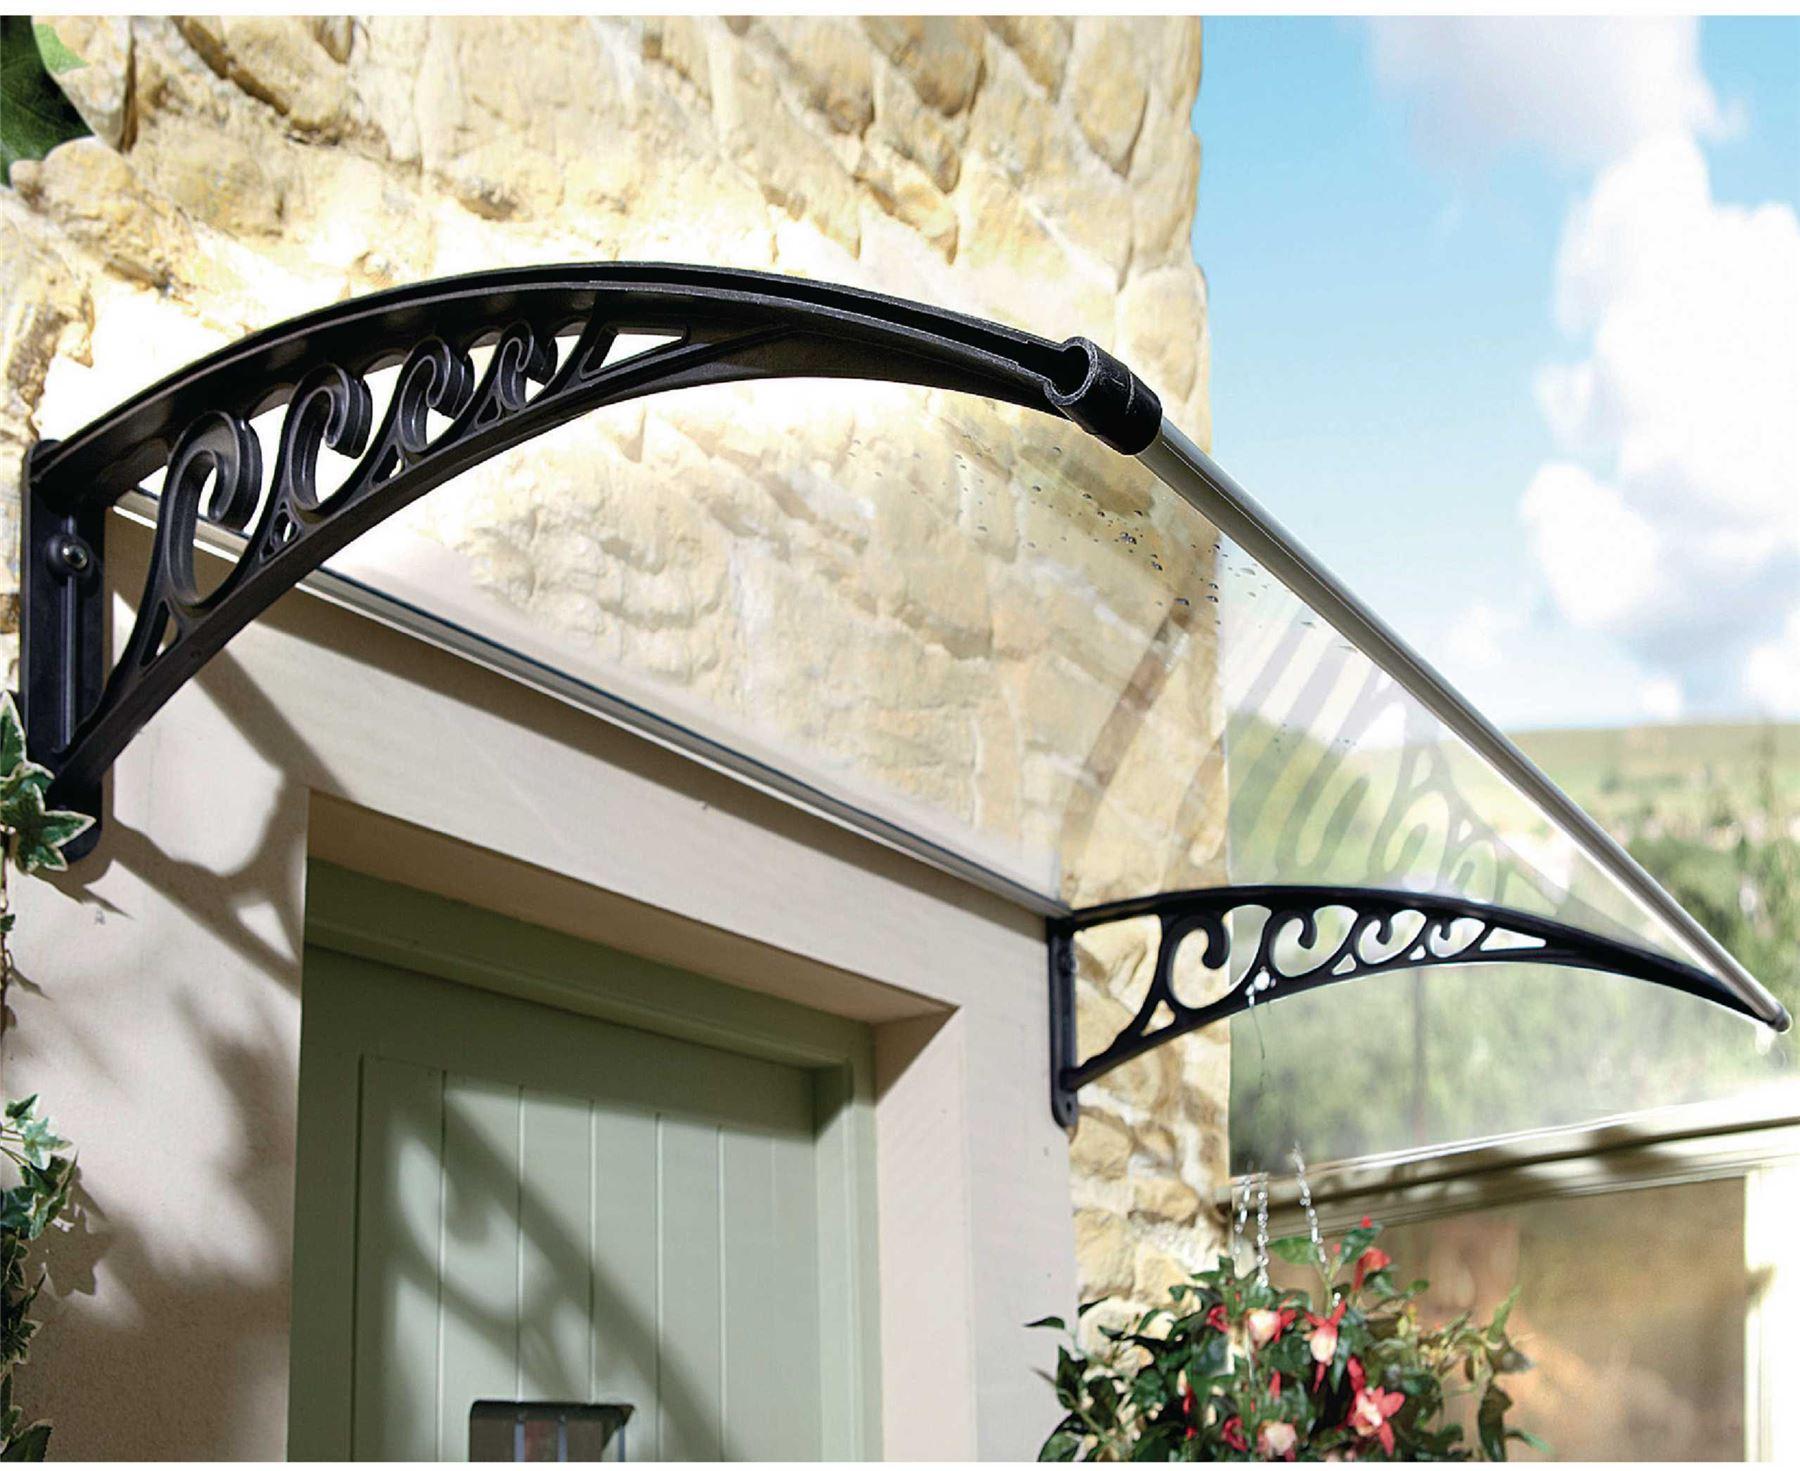 Bergman Instant Fit Front Door Canopy Rain Cover Porch Outdoor Shade